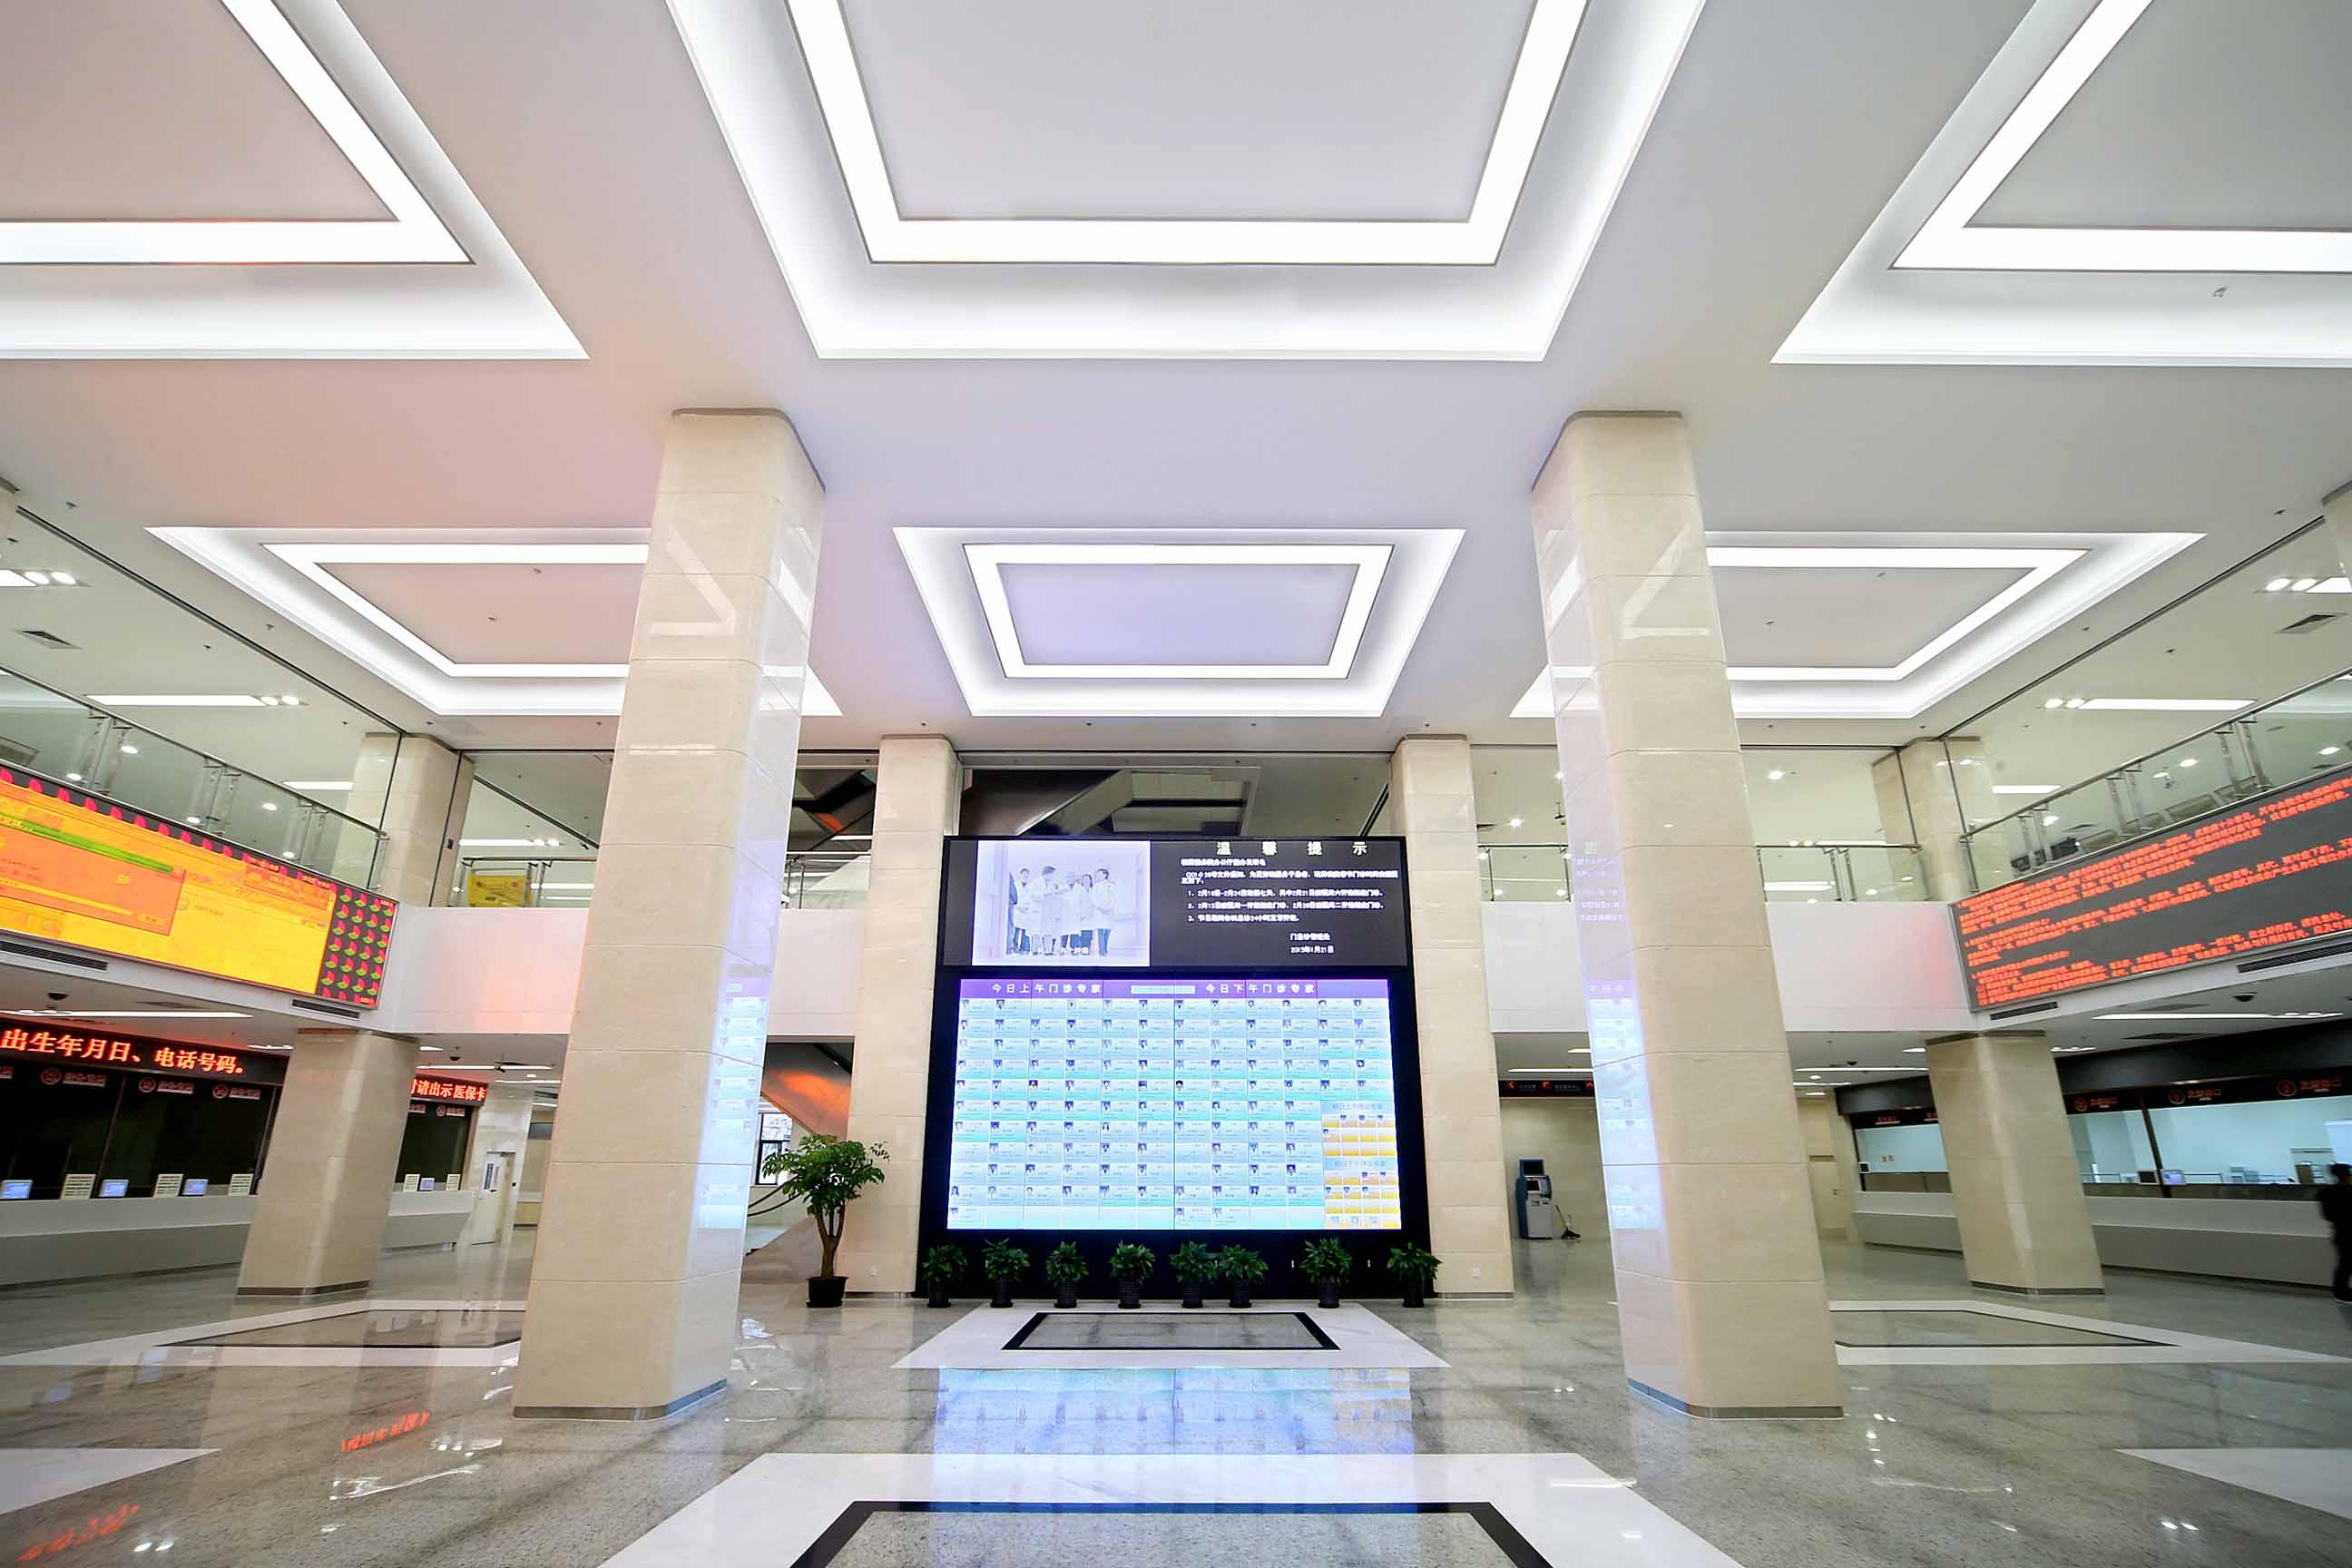 上海九院大厅环境